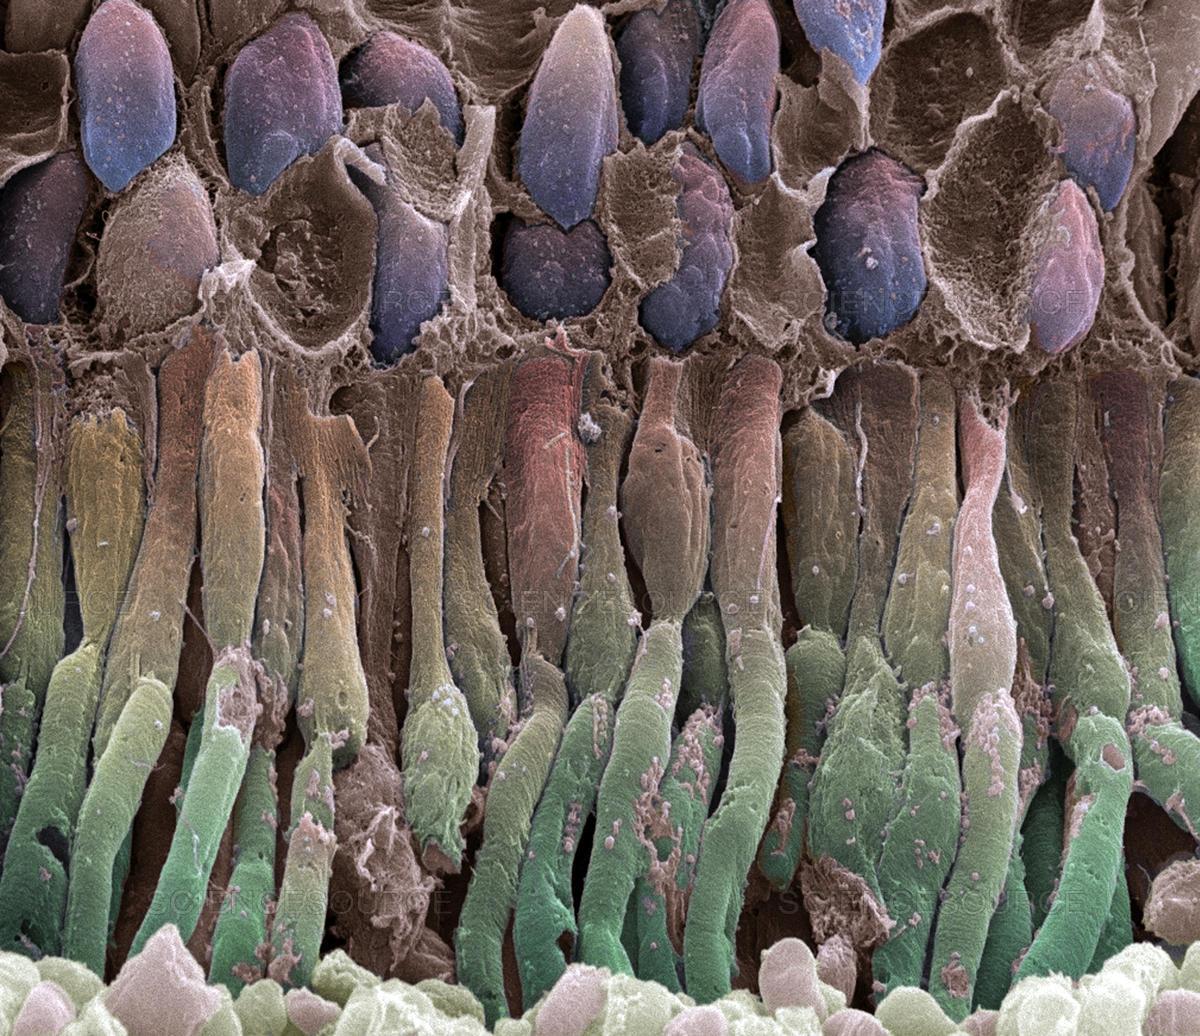 анус под микроскопом фотографии